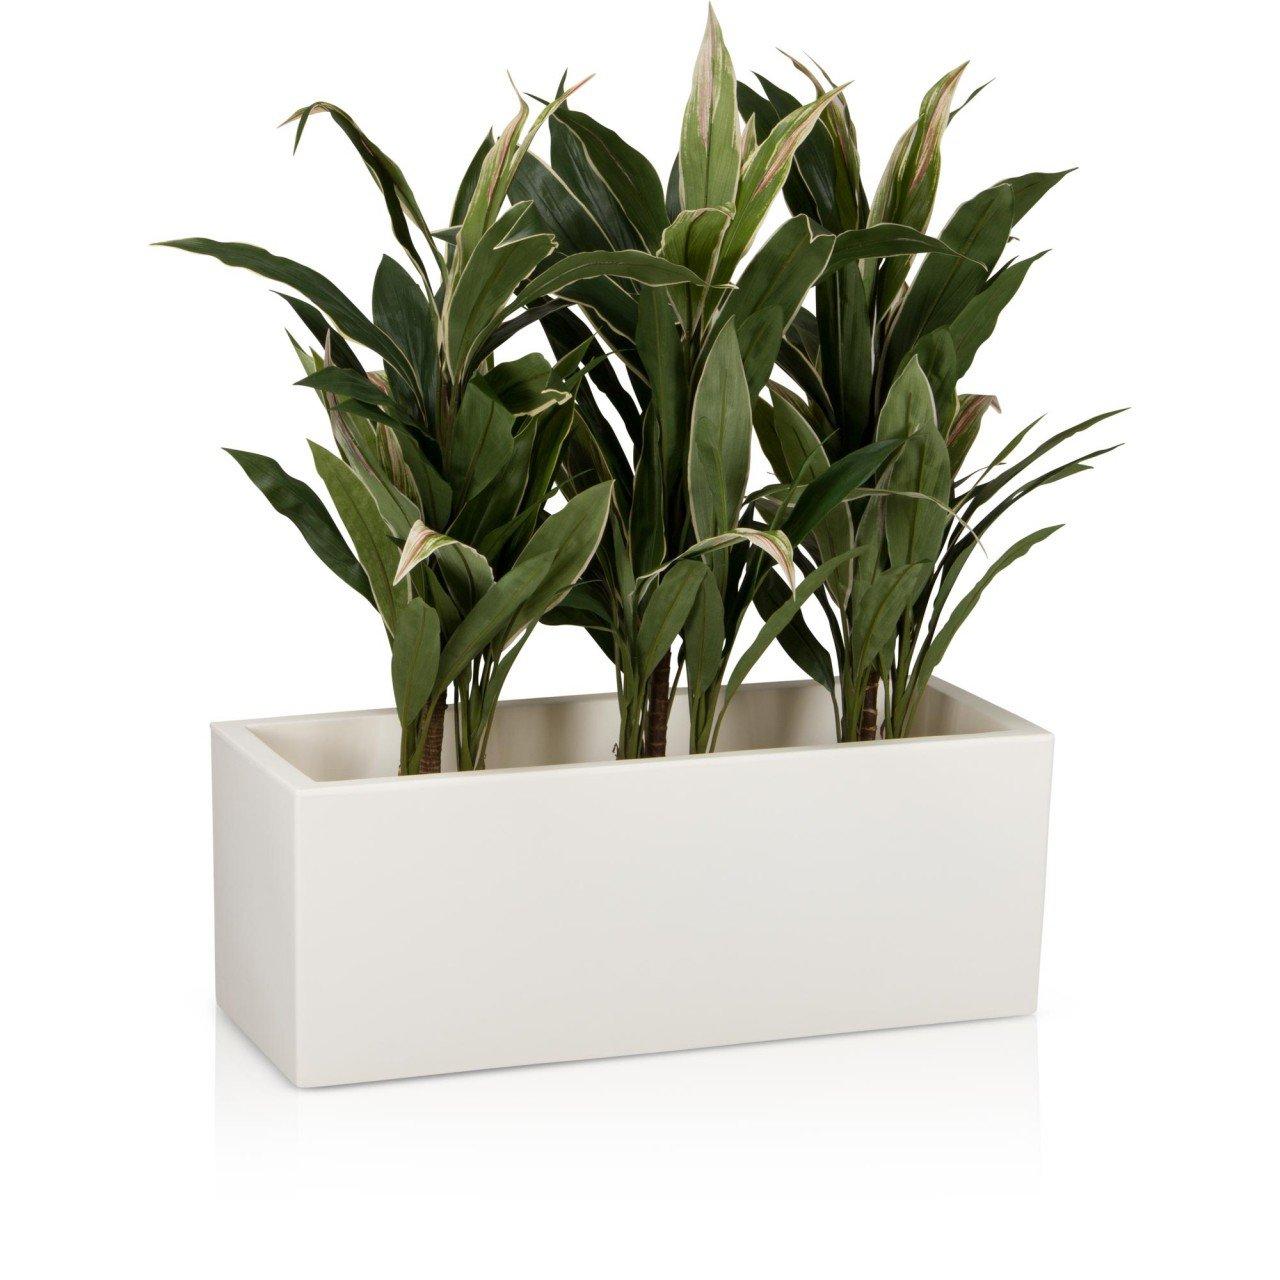 Pflanztrog Blumentrog MURO 40 Kunststoff, 100x40x40 cm, weiß matt